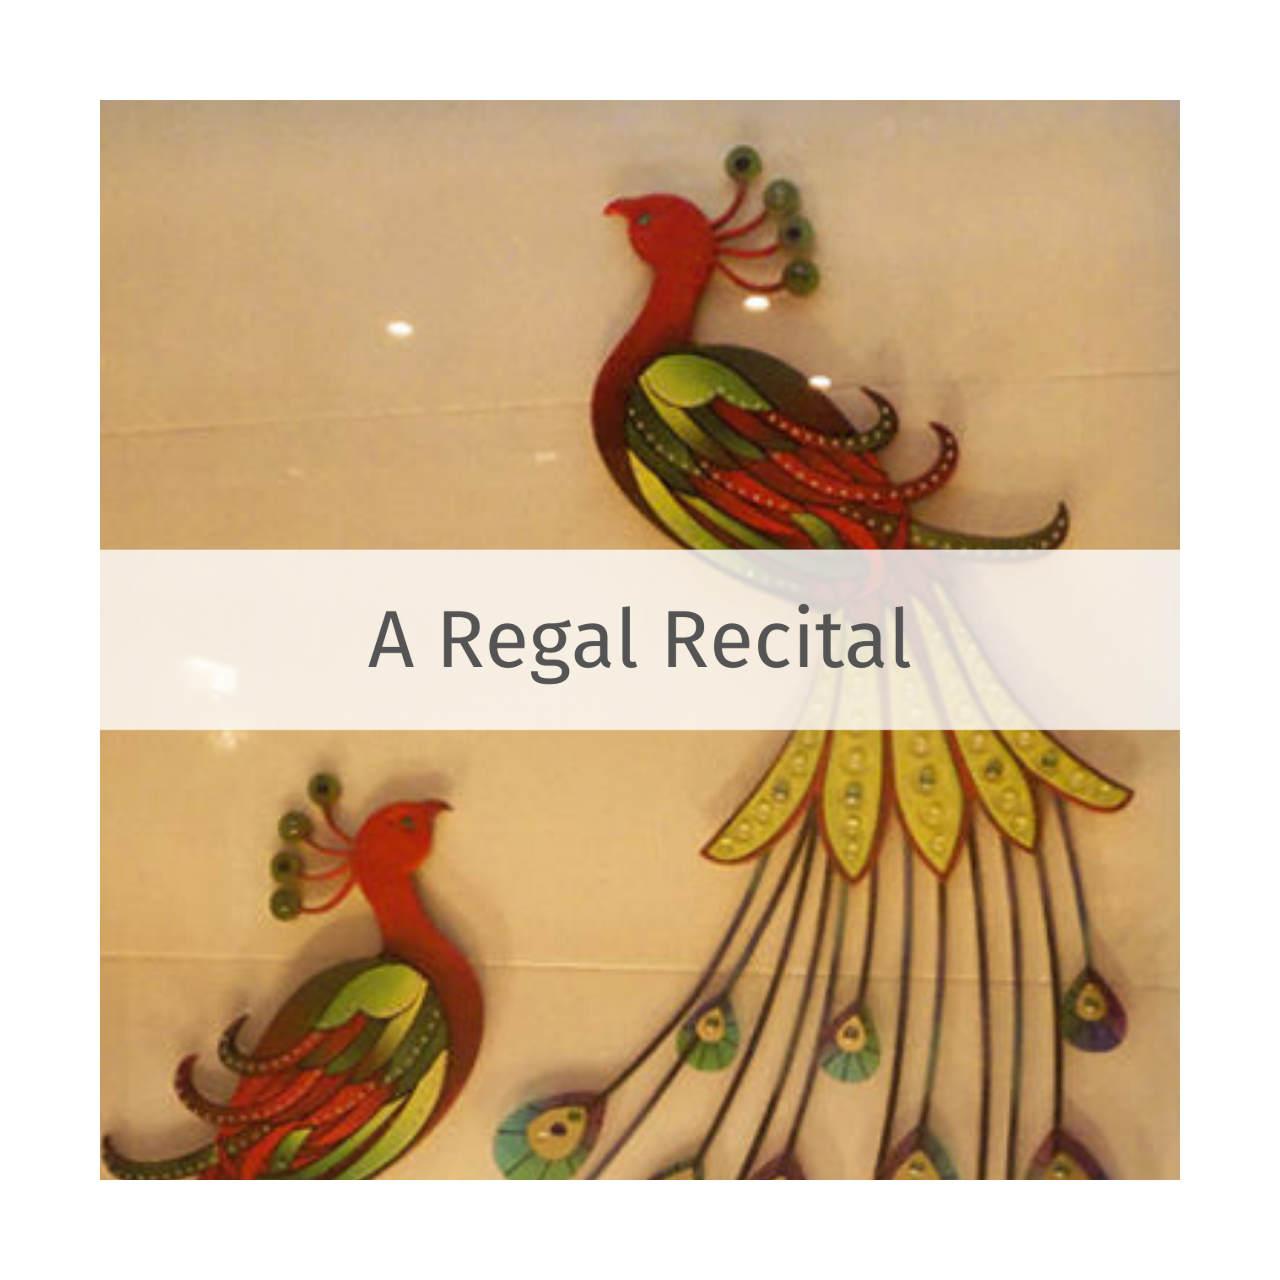 ARegalRecital6.jpg